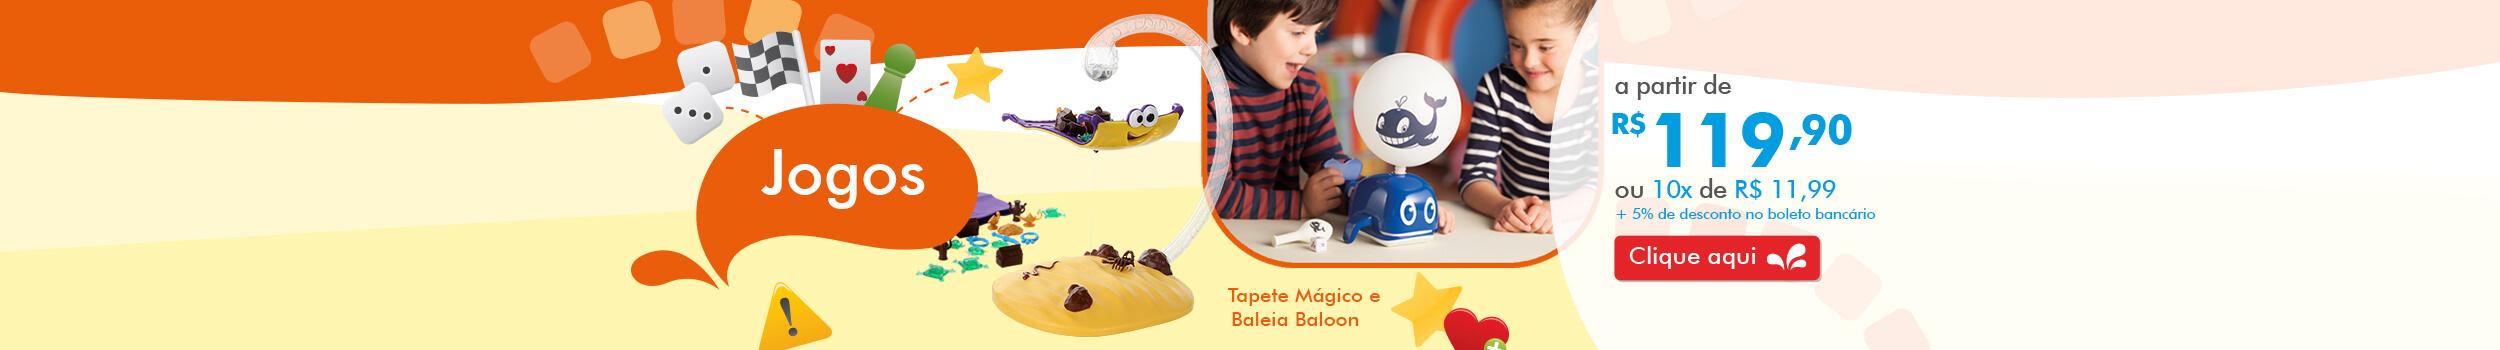 Jogos Tapete Magico e Baleia Baloon